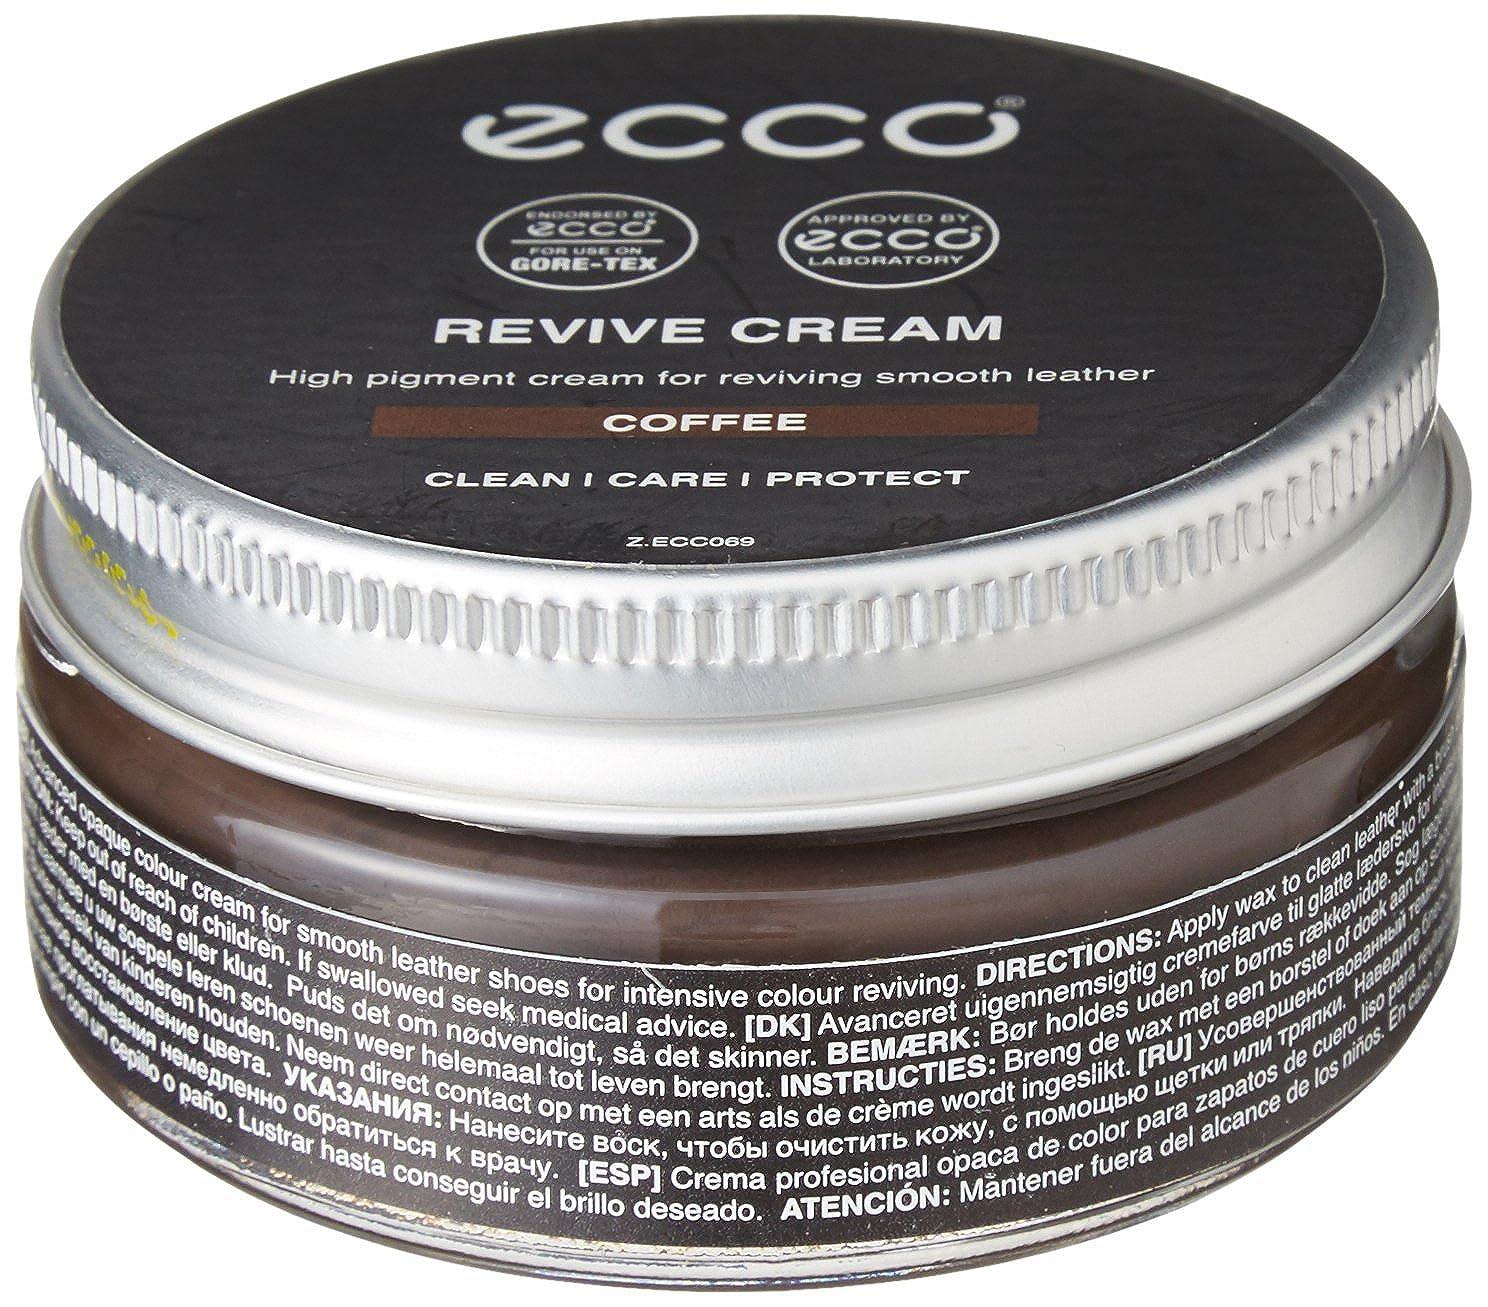 Ecco Revive Cream - Producto de reparación de zapatos, color Café, 50 ml 9034014